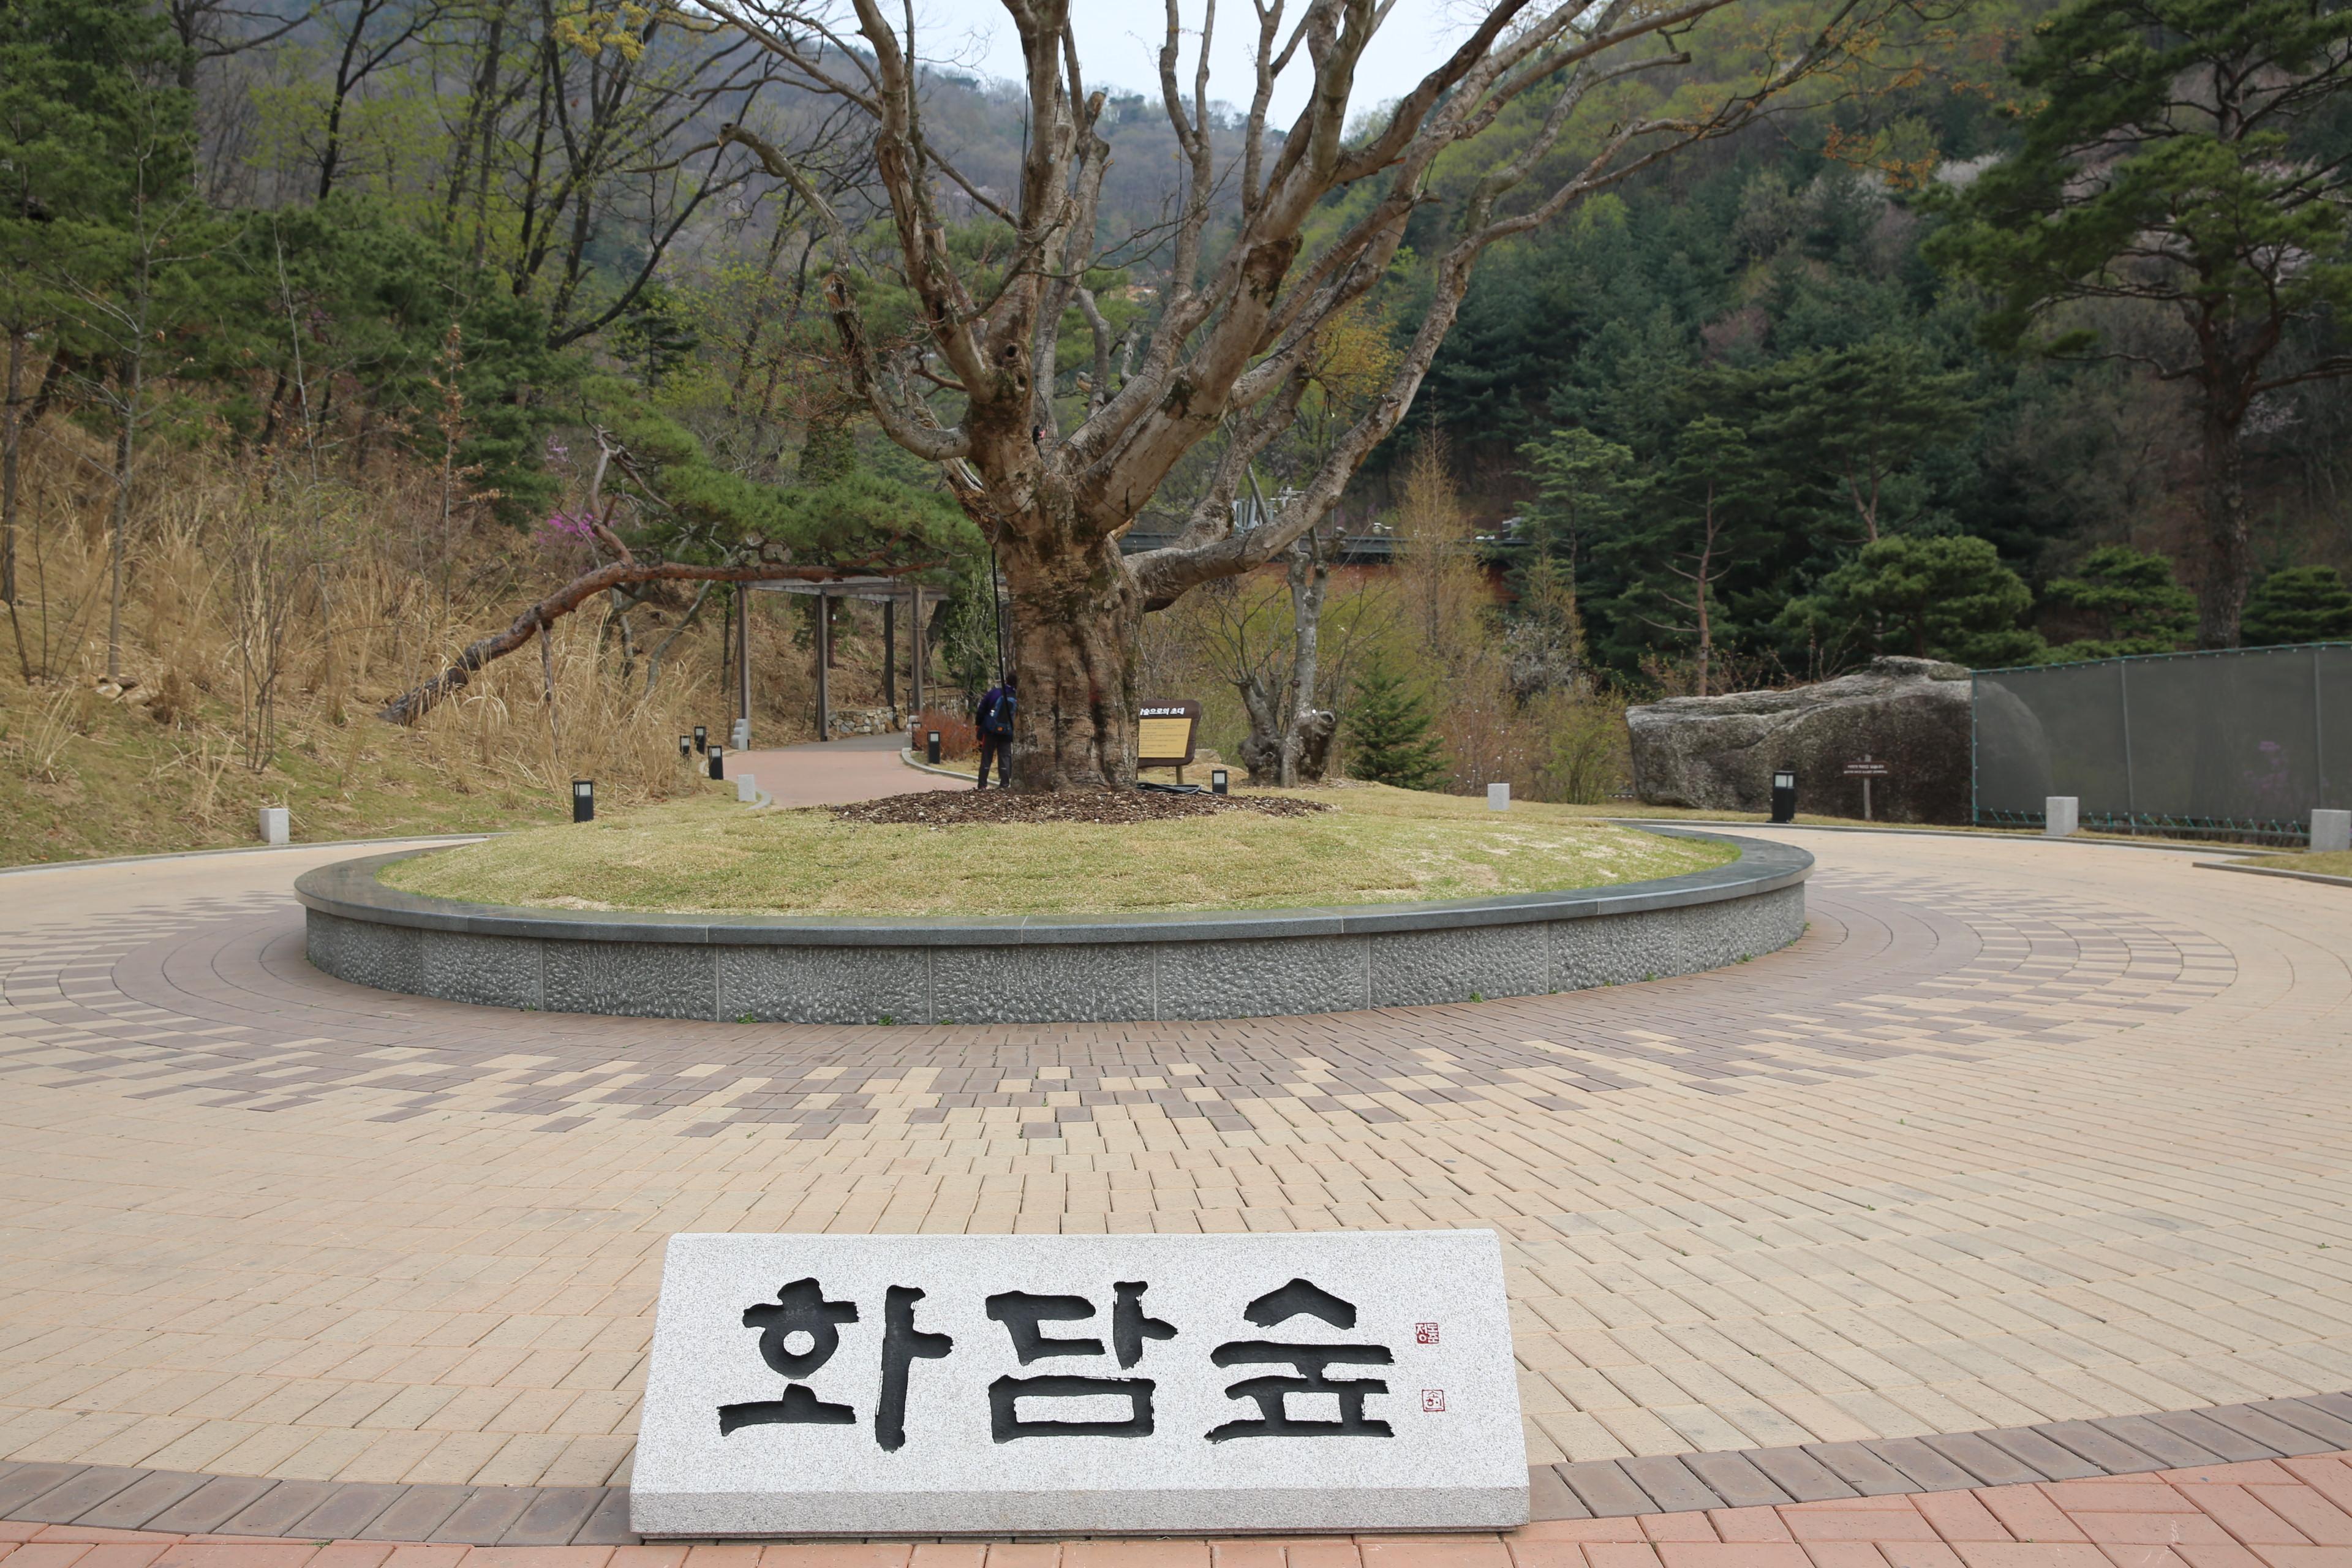 경기도 광주여행 자연숲 곤지암화담숲